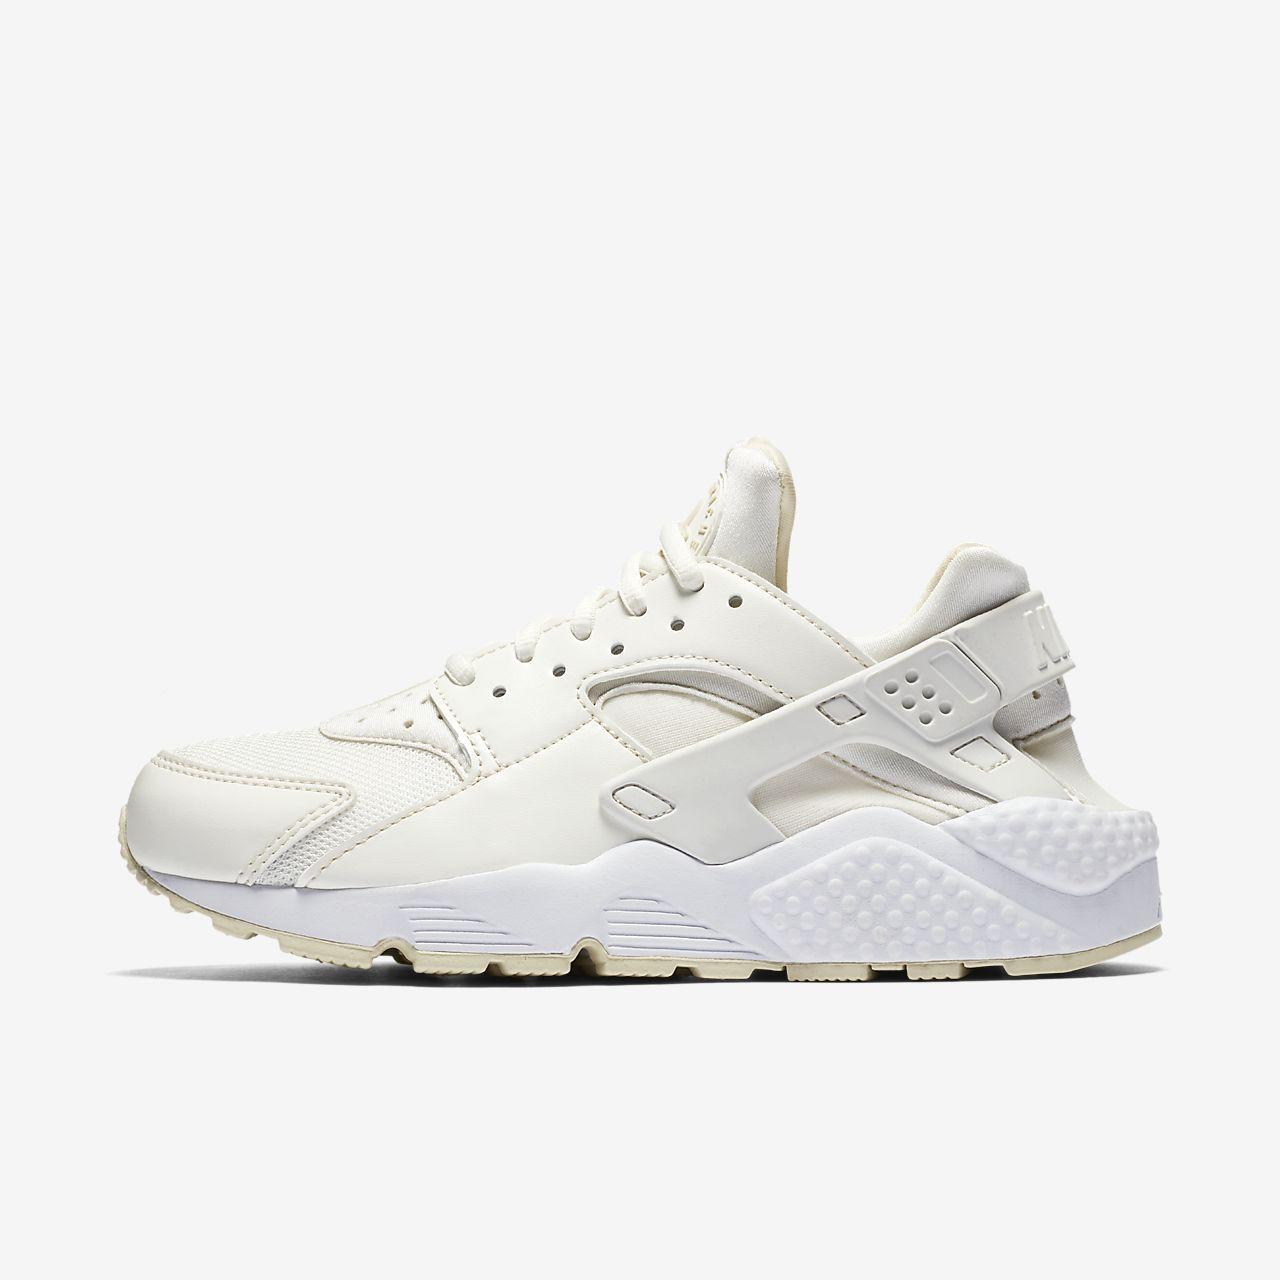 Nike Air Max 90 Kadınlar Spor Ayakkabısı Leopar Beyaz Gümüş Güzel